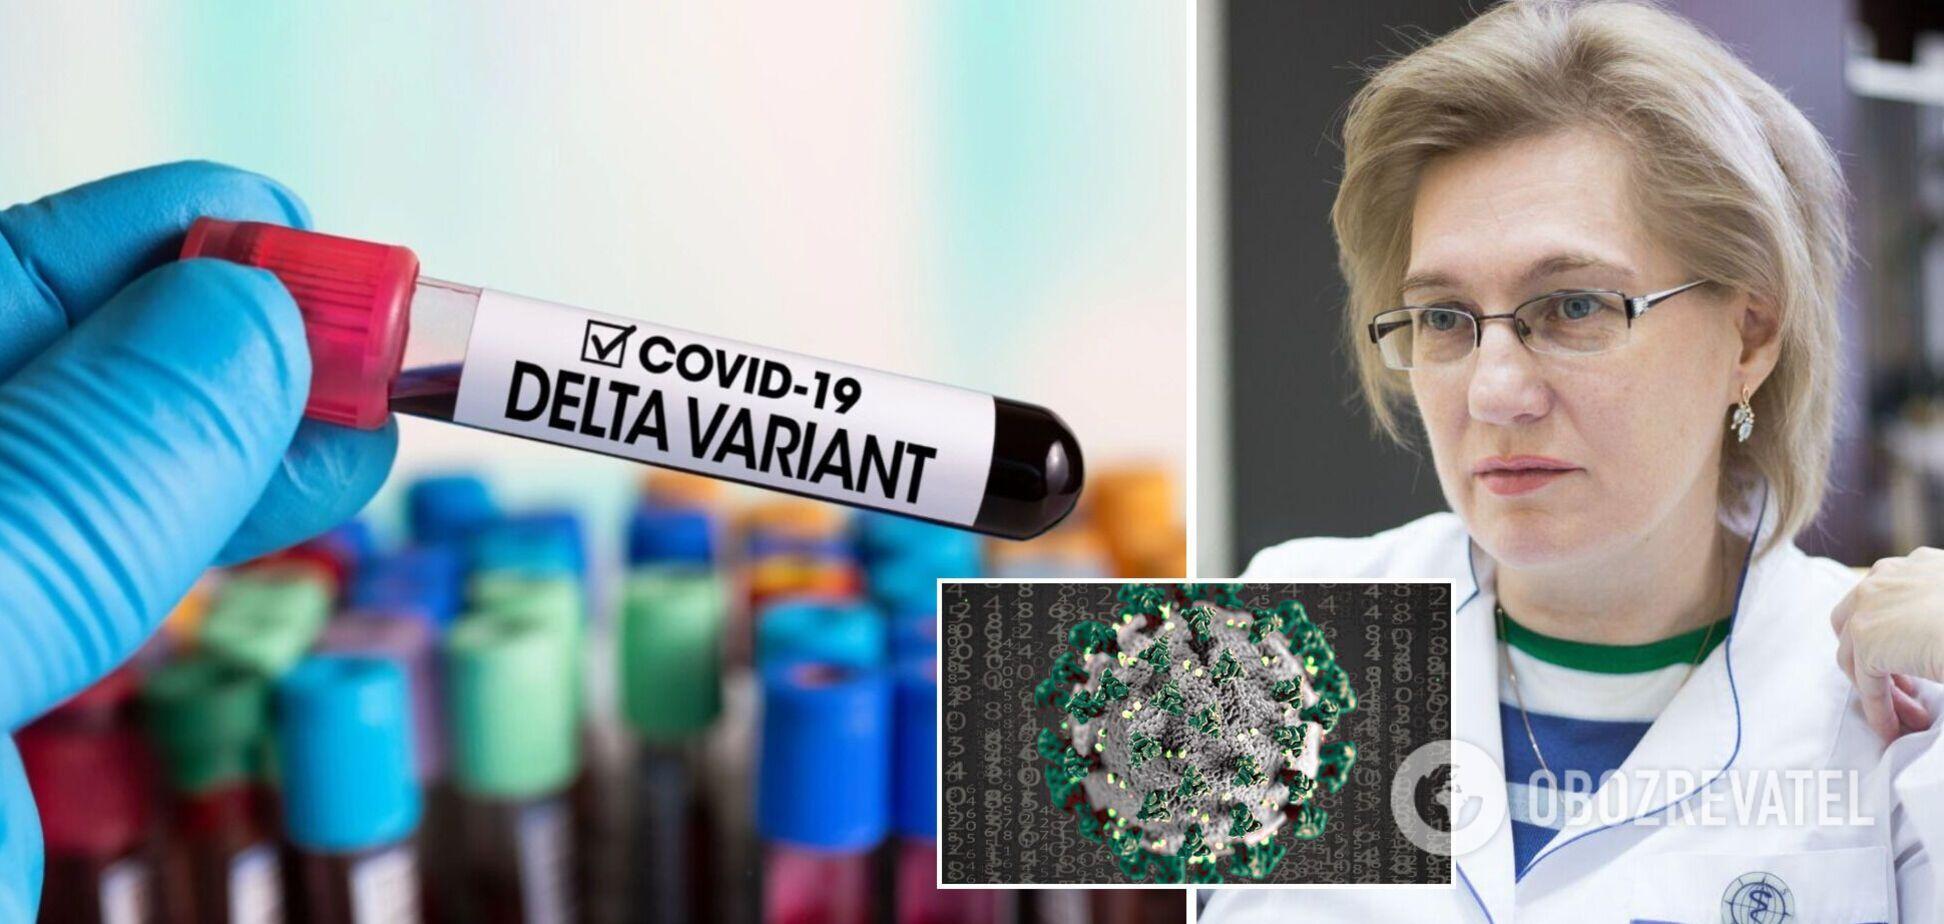 Голубовская рассказала о 15 мутациях штамма Дельта: чем они опасны